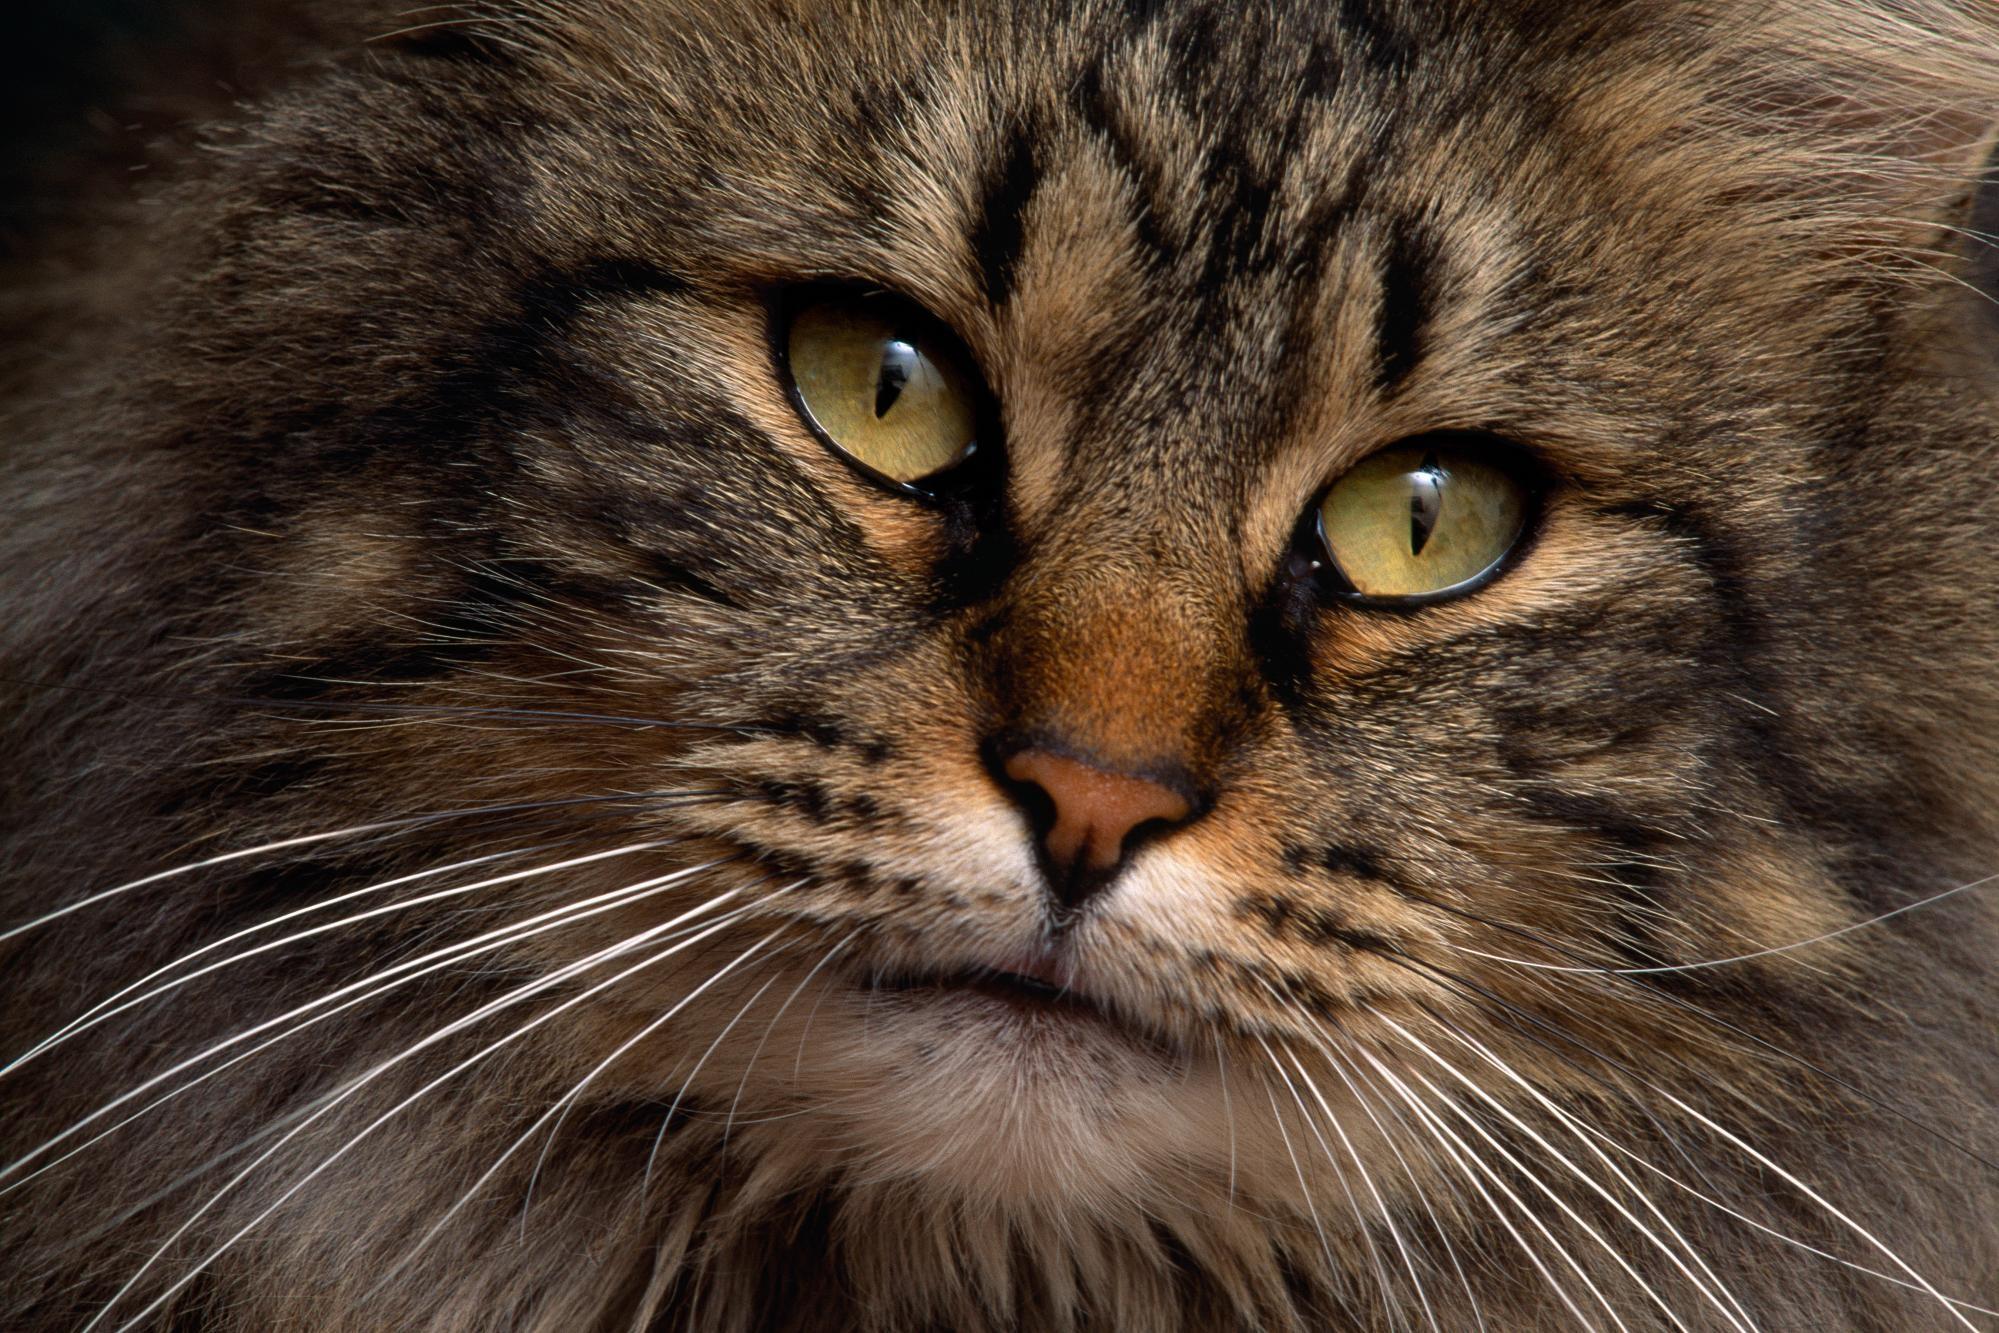 Sfondi animali 59 immagini for Animali desktop